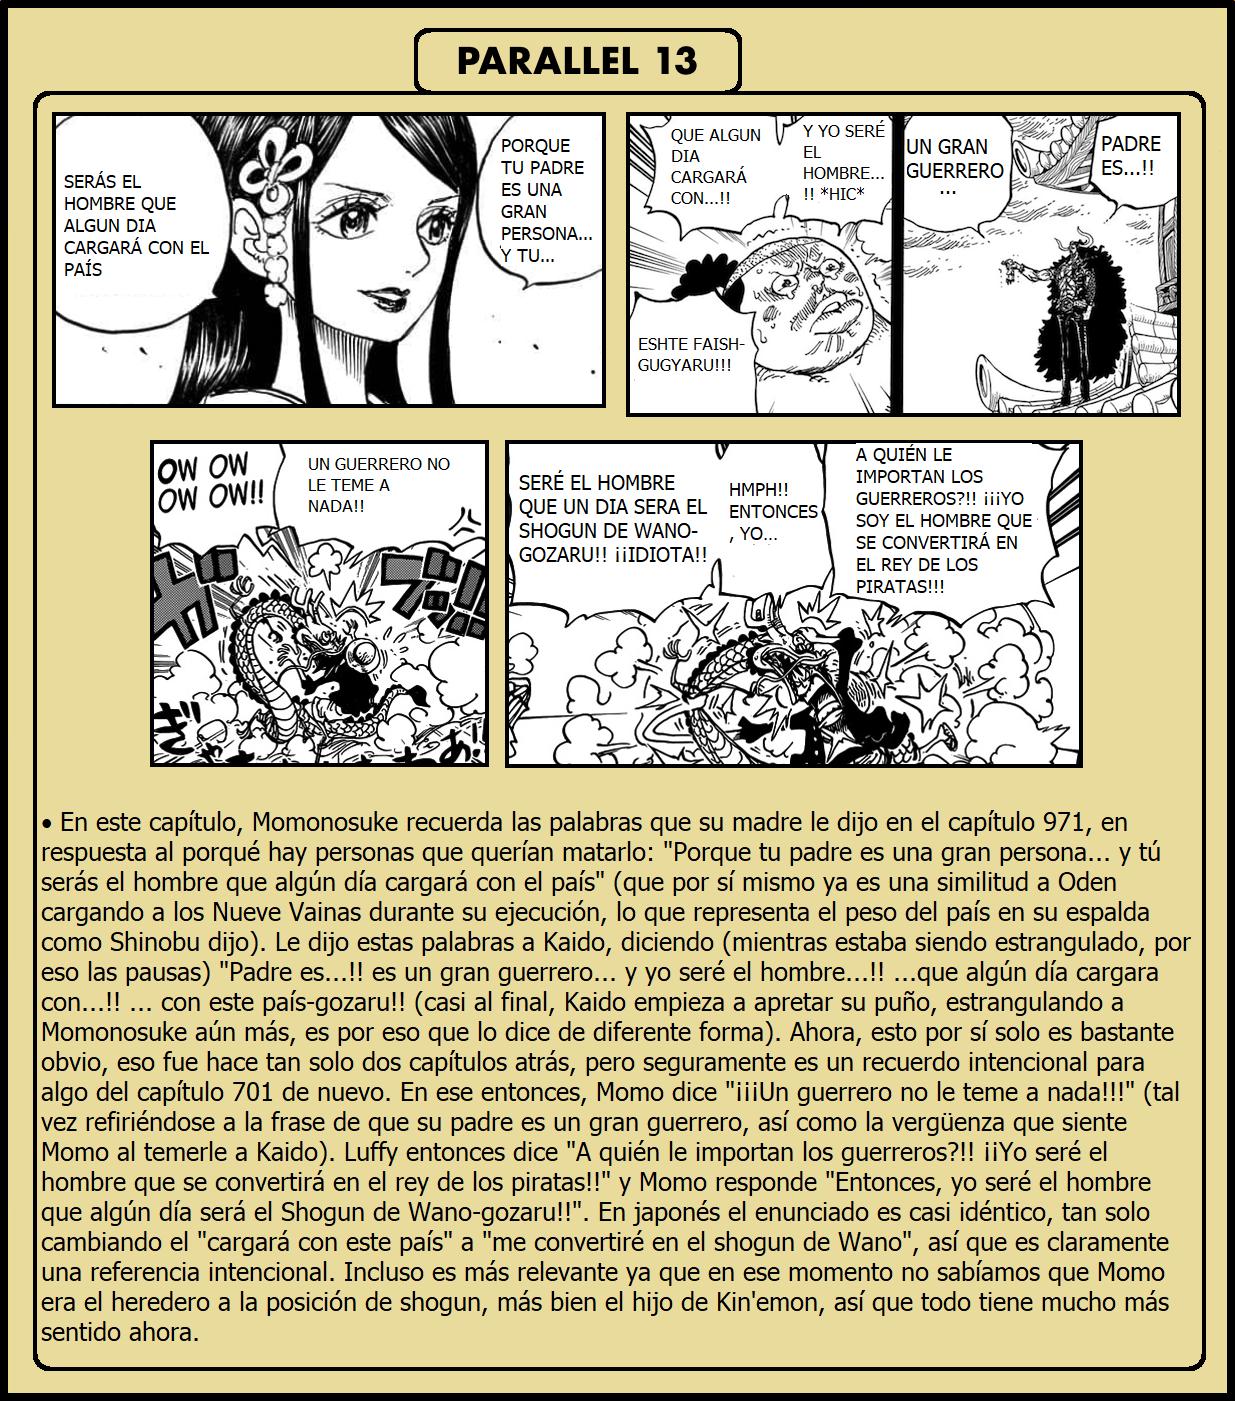 Secretos & Curiosidades - One Piece Manga 973 10